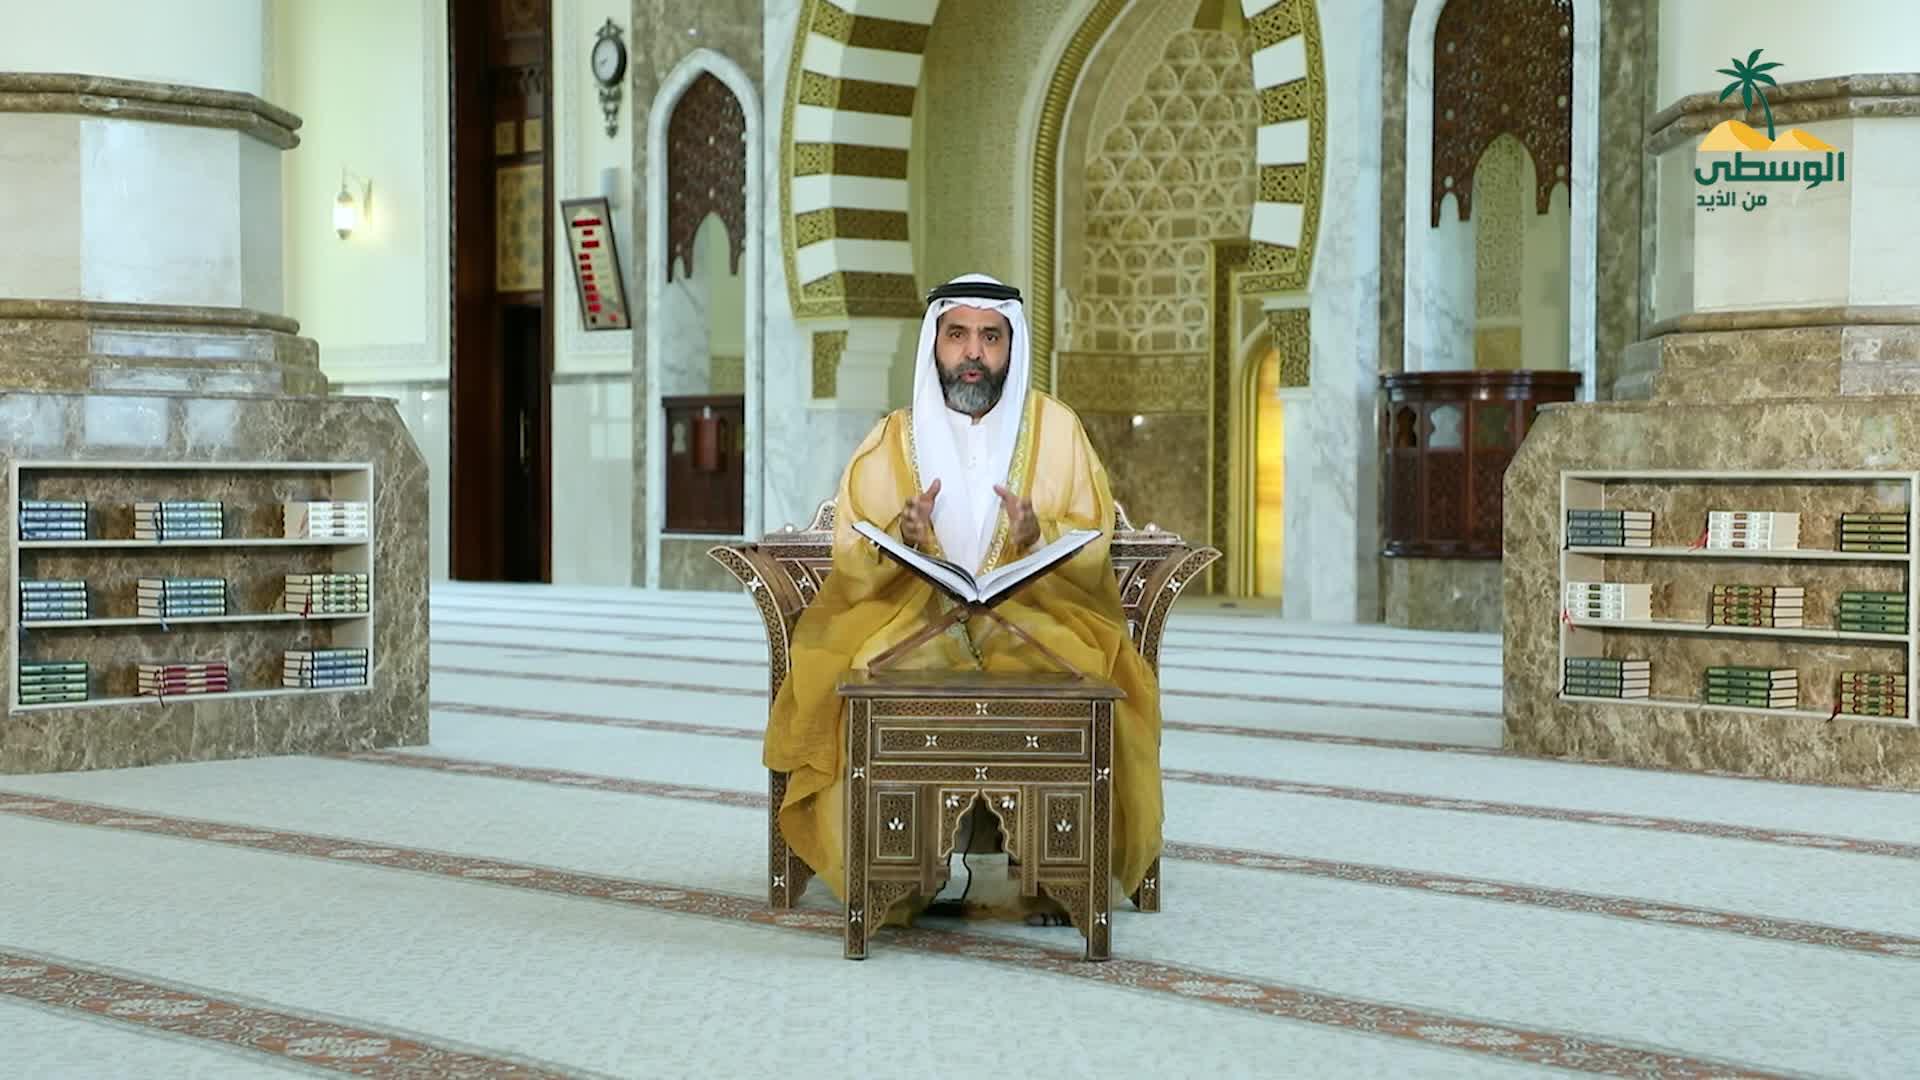 آداب واحكام - ثالث أيام العيد 15-5-2021